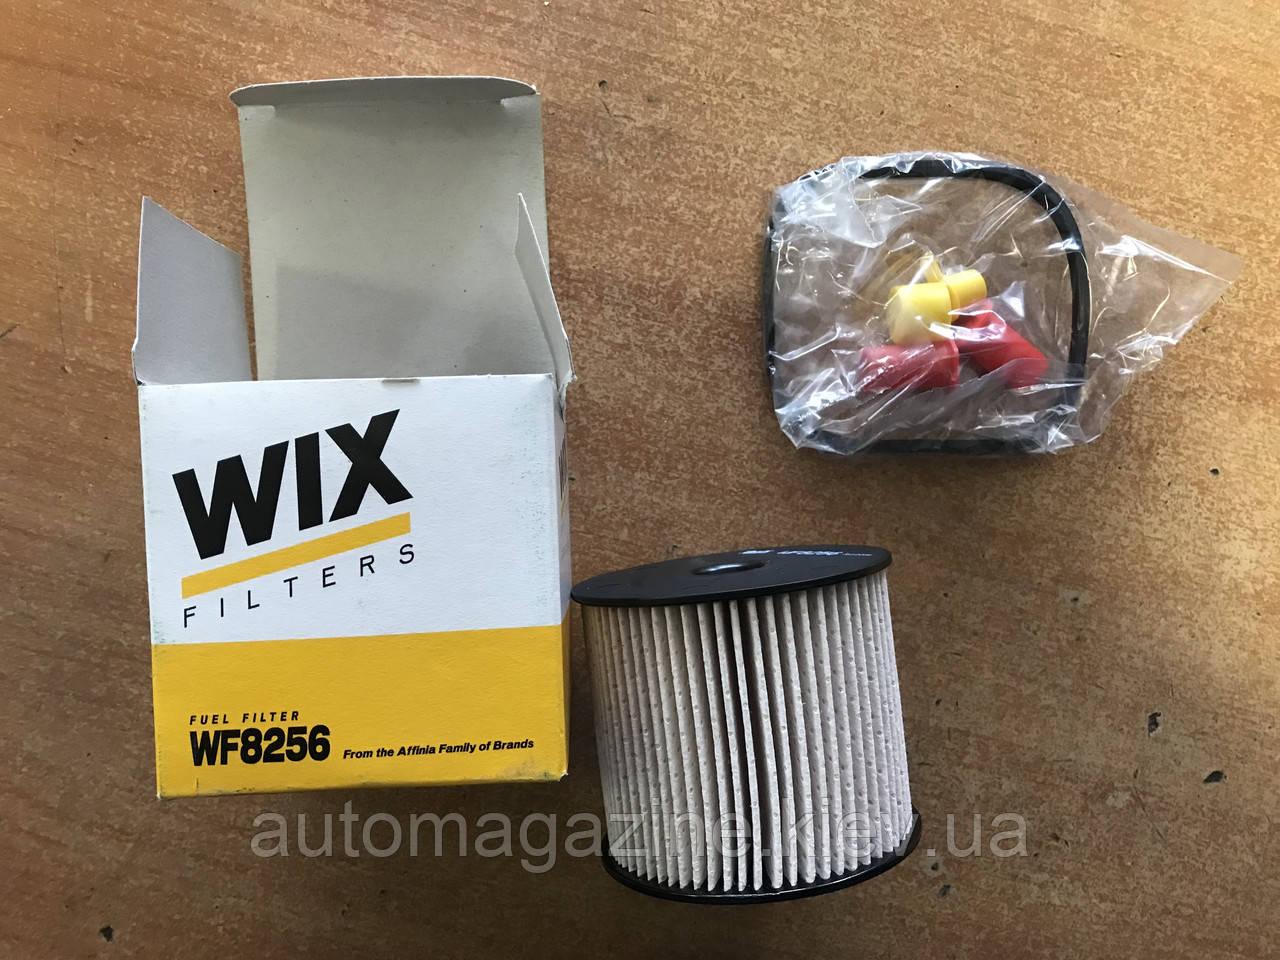 Фильтр топливный WF 8256 (PE816/4)